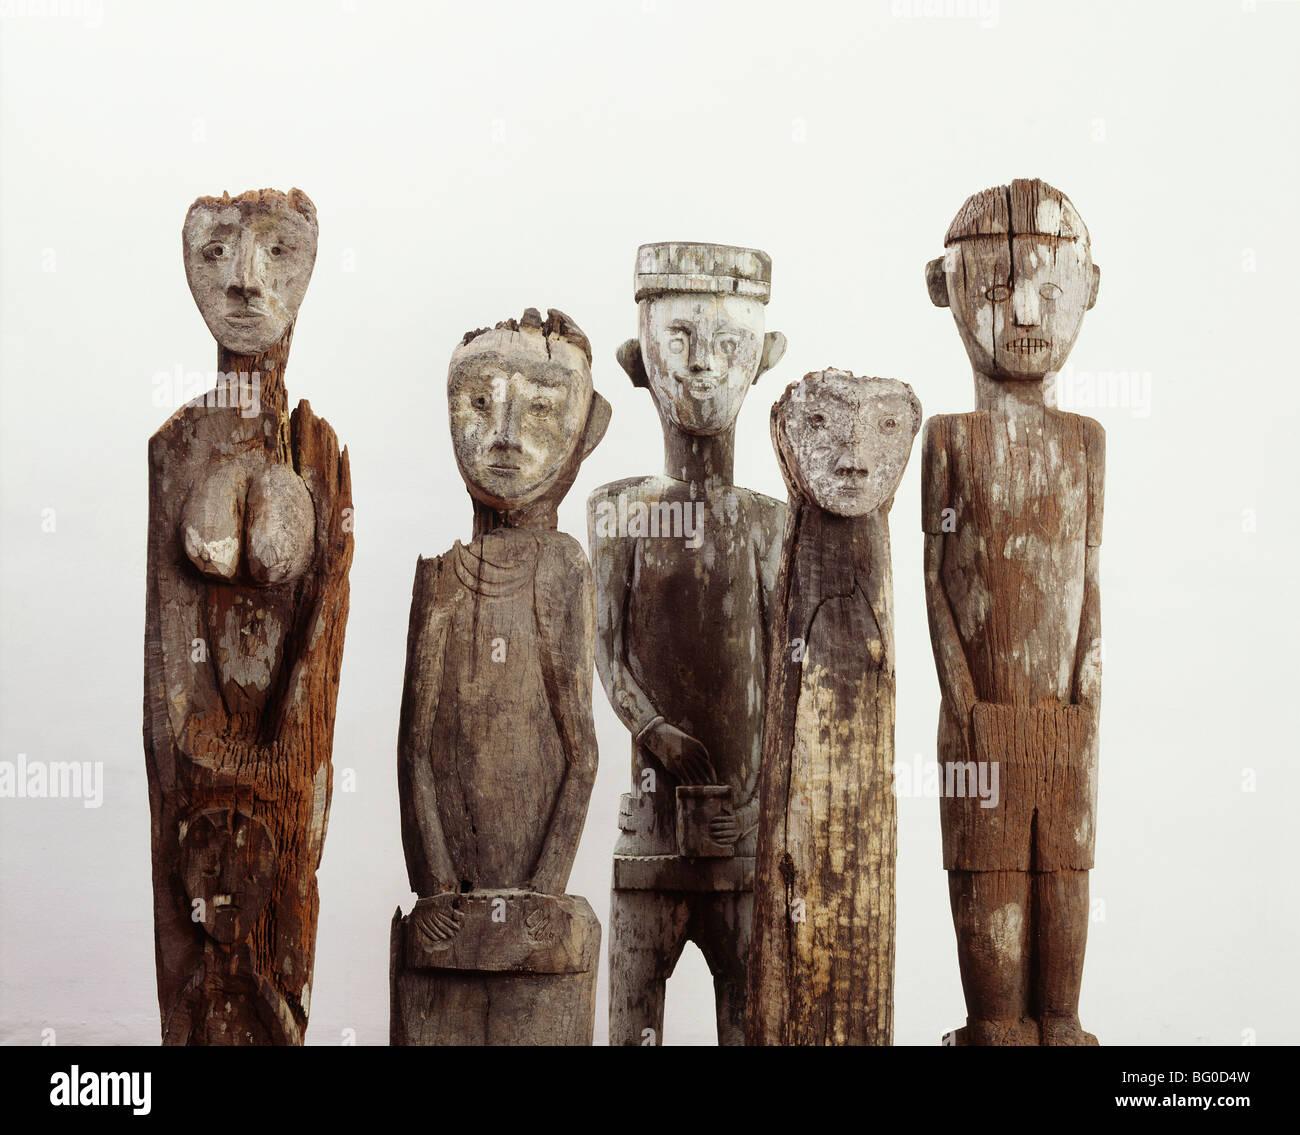 Guardian figures sculptées dans le bois, près de villages pour la protection contre les mauvais esprits, Photo Stock